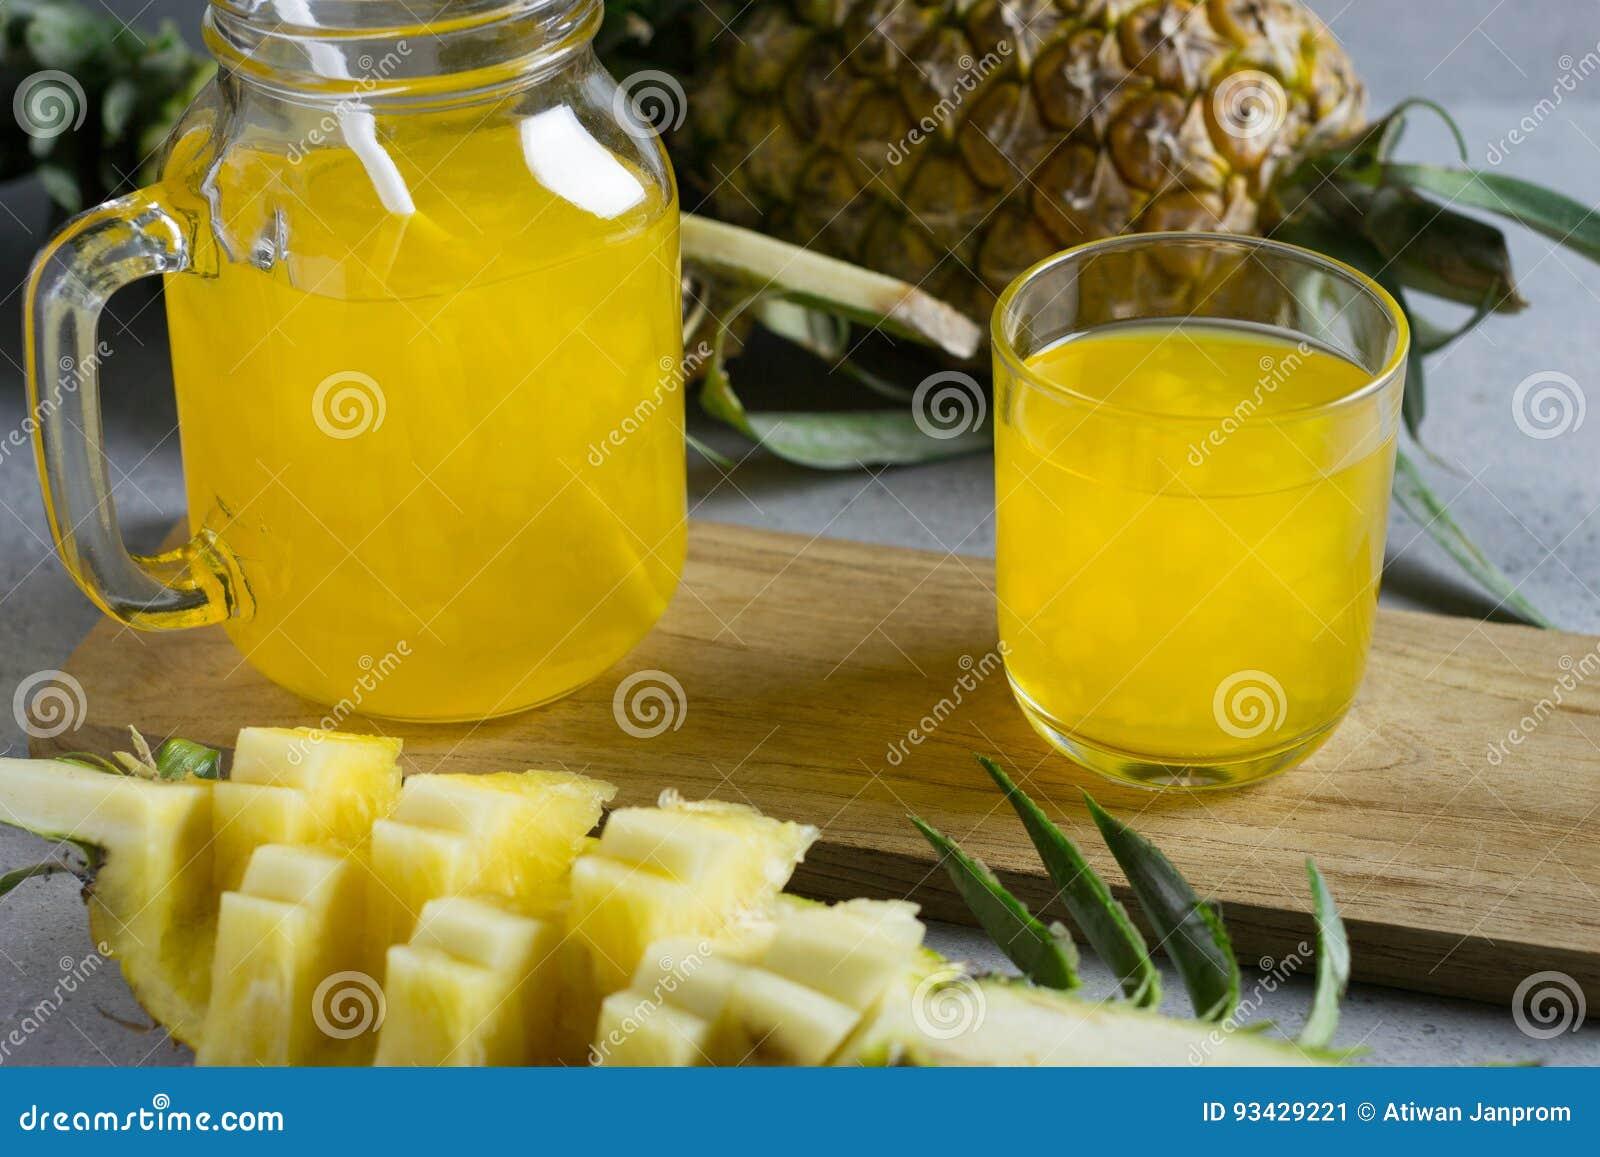 sperma-ananasoviy-sok